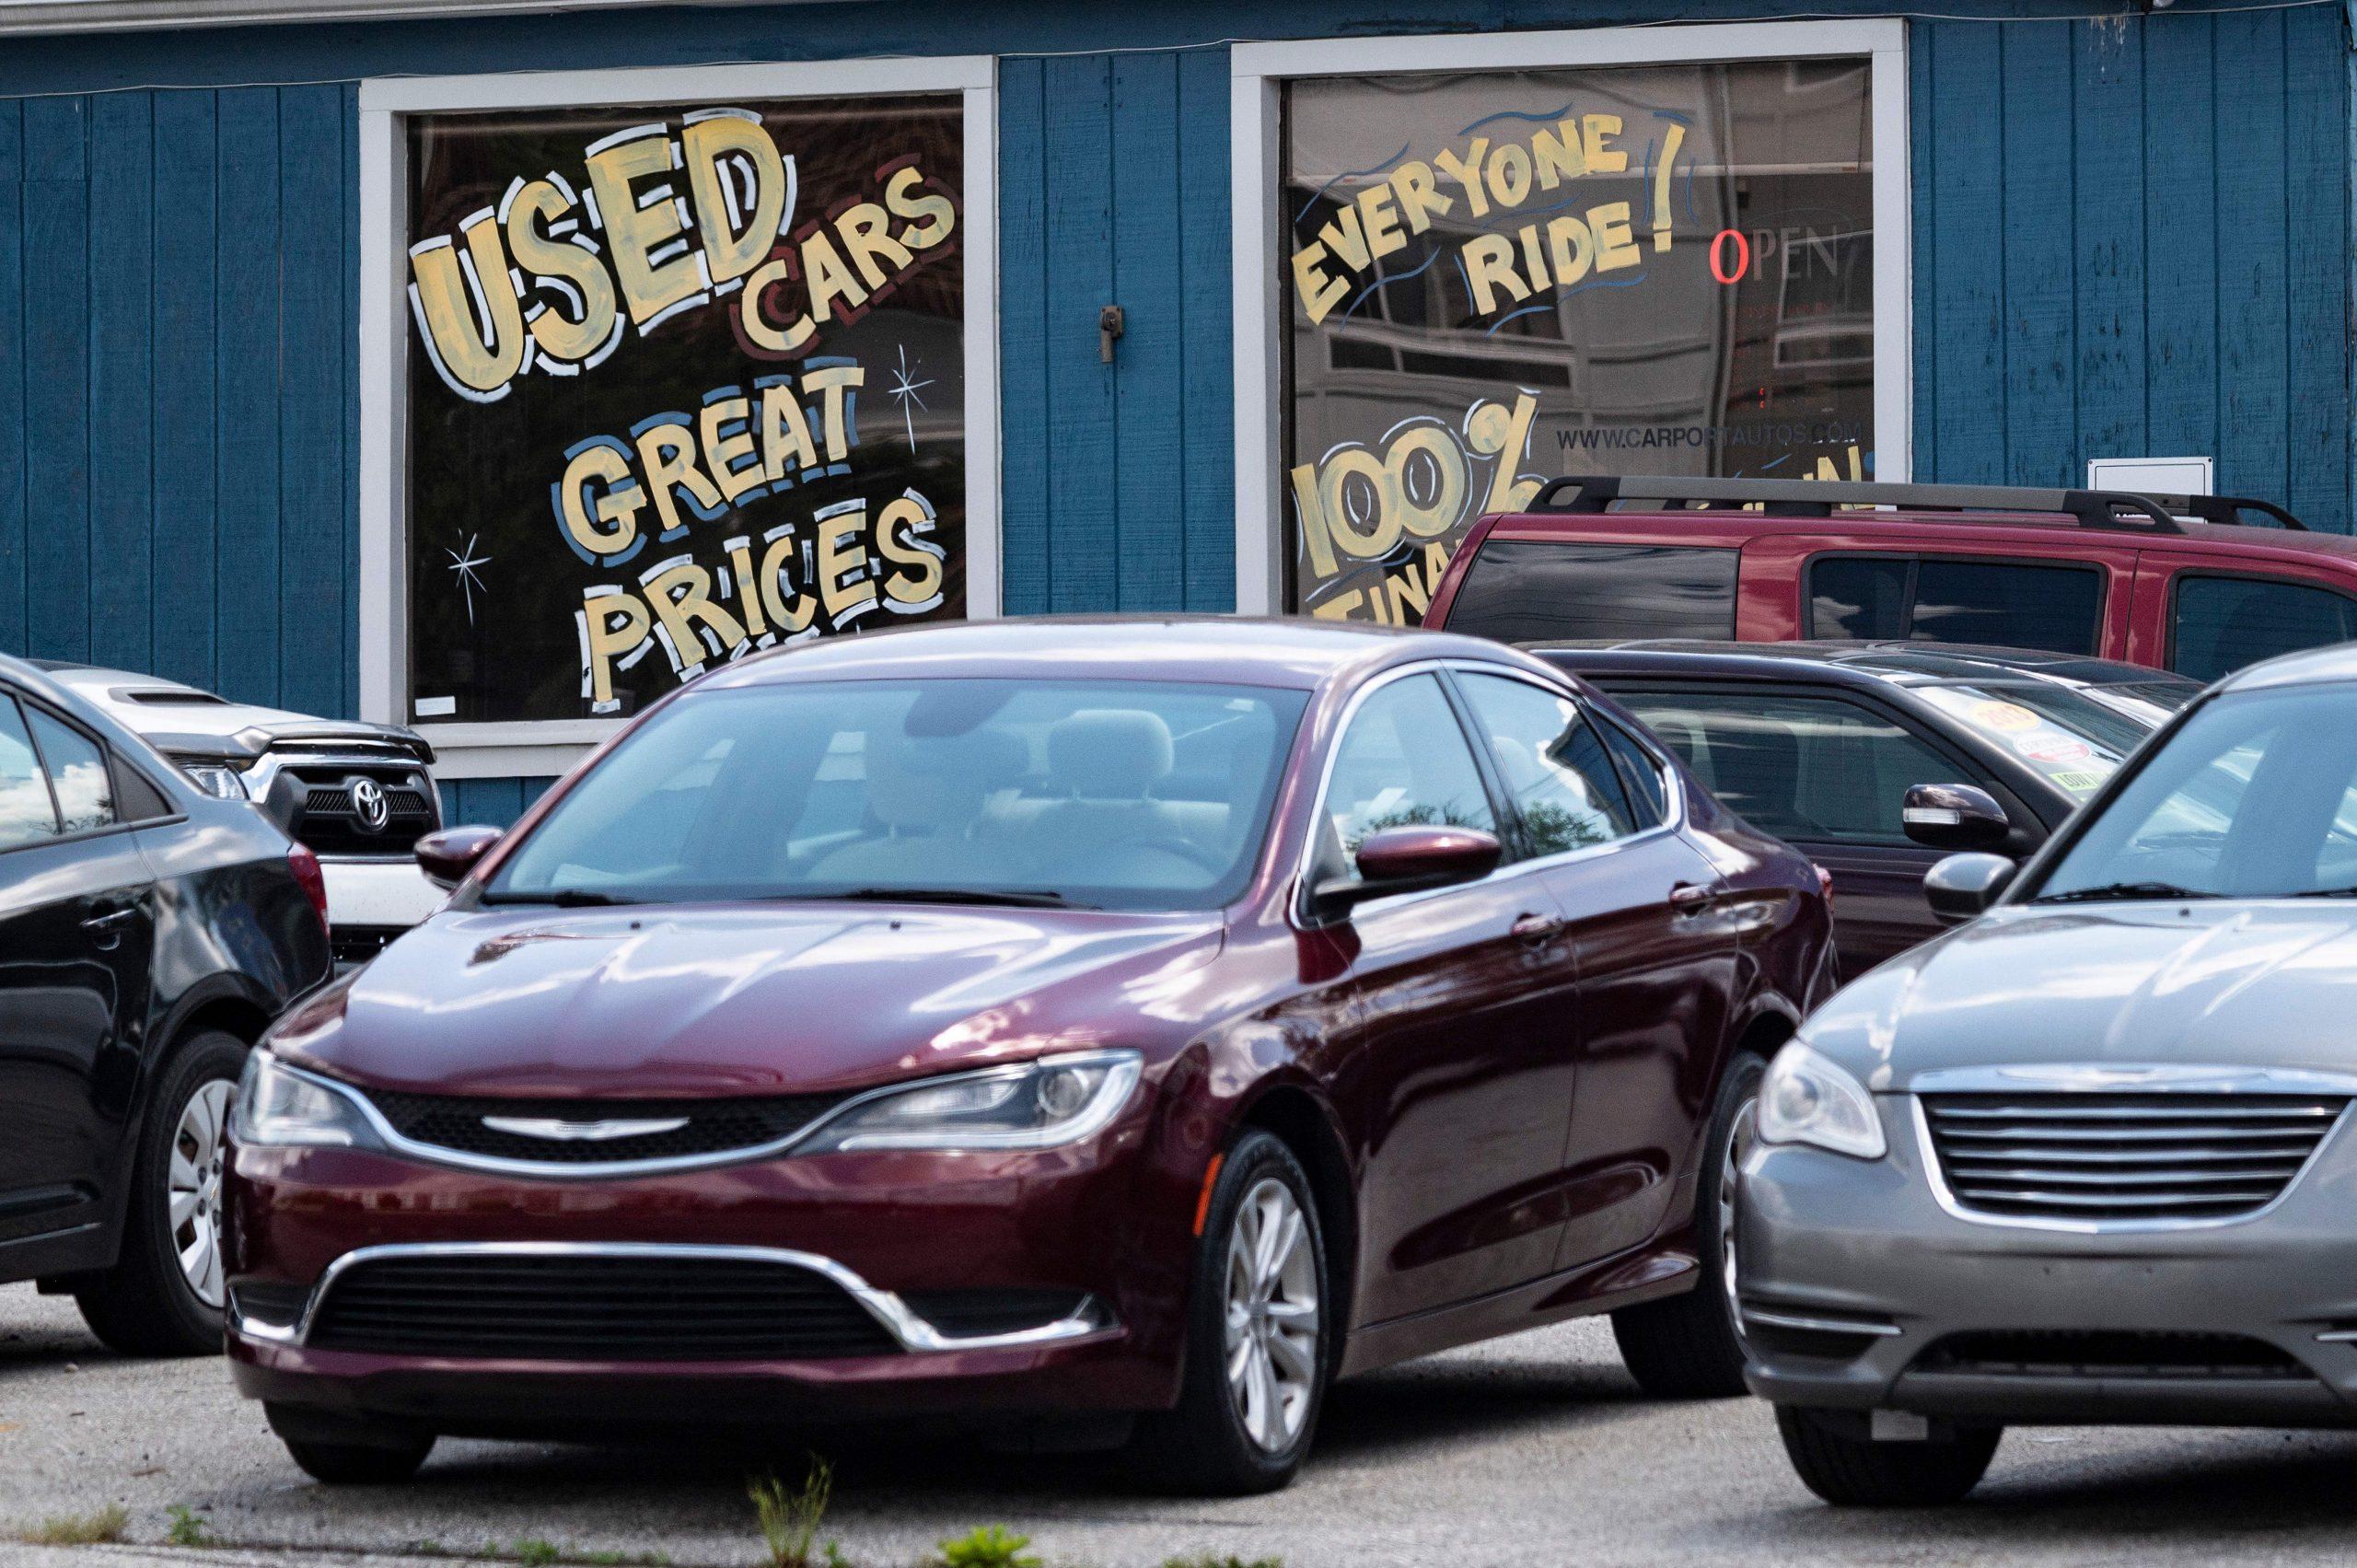 El aumento de los precios de los automóviles usados, la gasolina, los alimentos y las tarifas aéreas está impulsando el aumento de la inflación